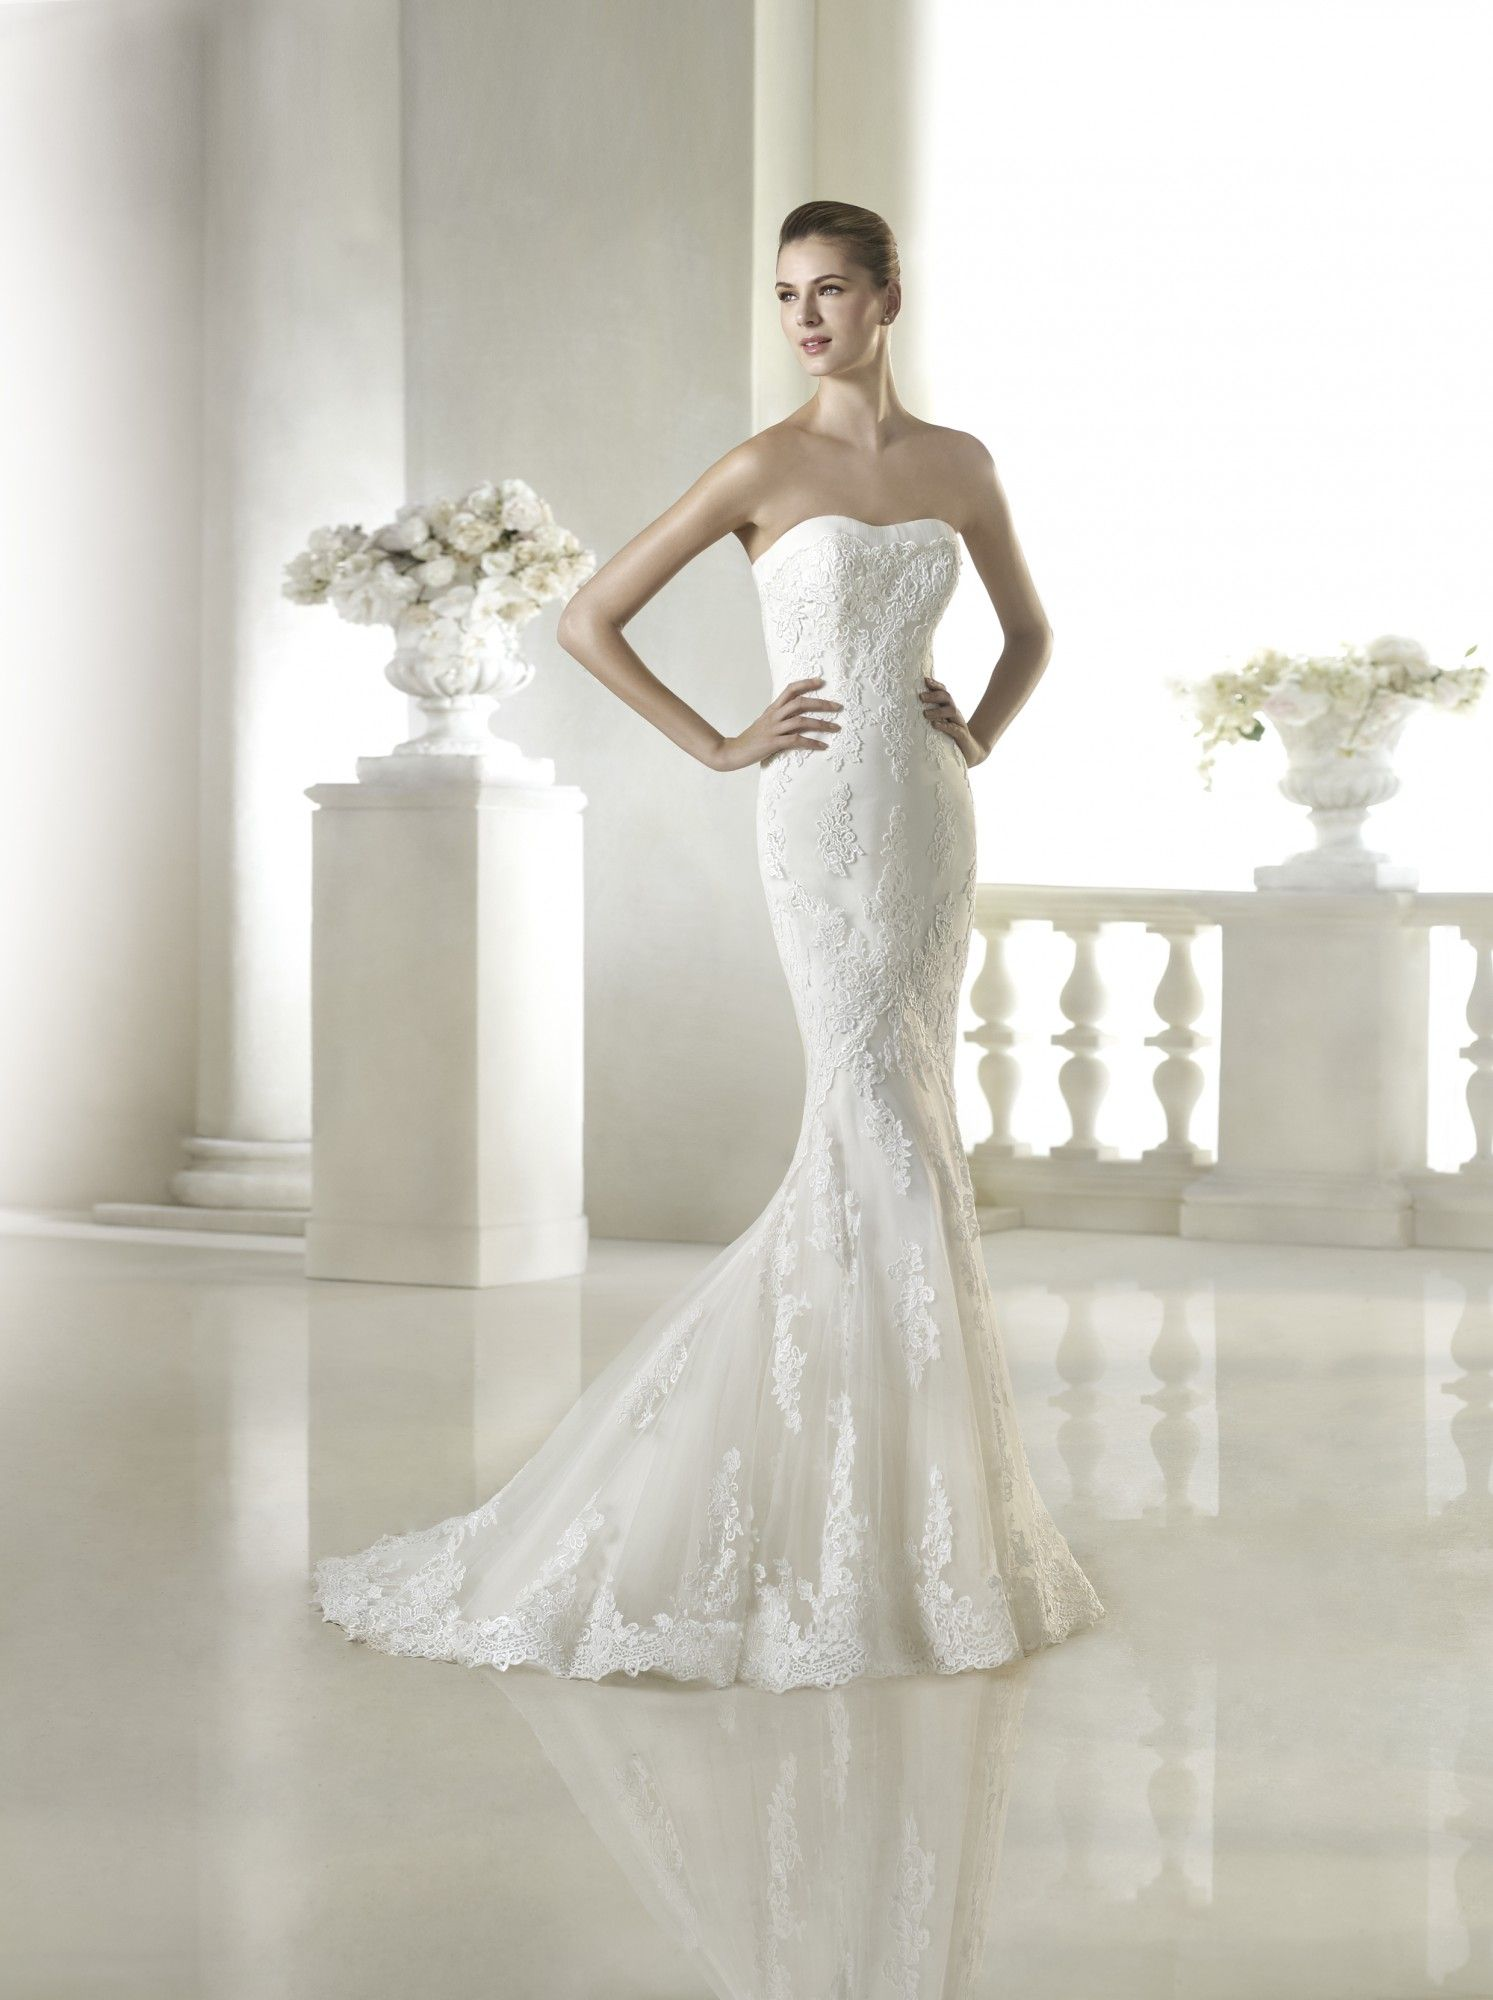 Atemberaubend Billige Brautkleider In Atlanta Bilder - Brautkleider ...